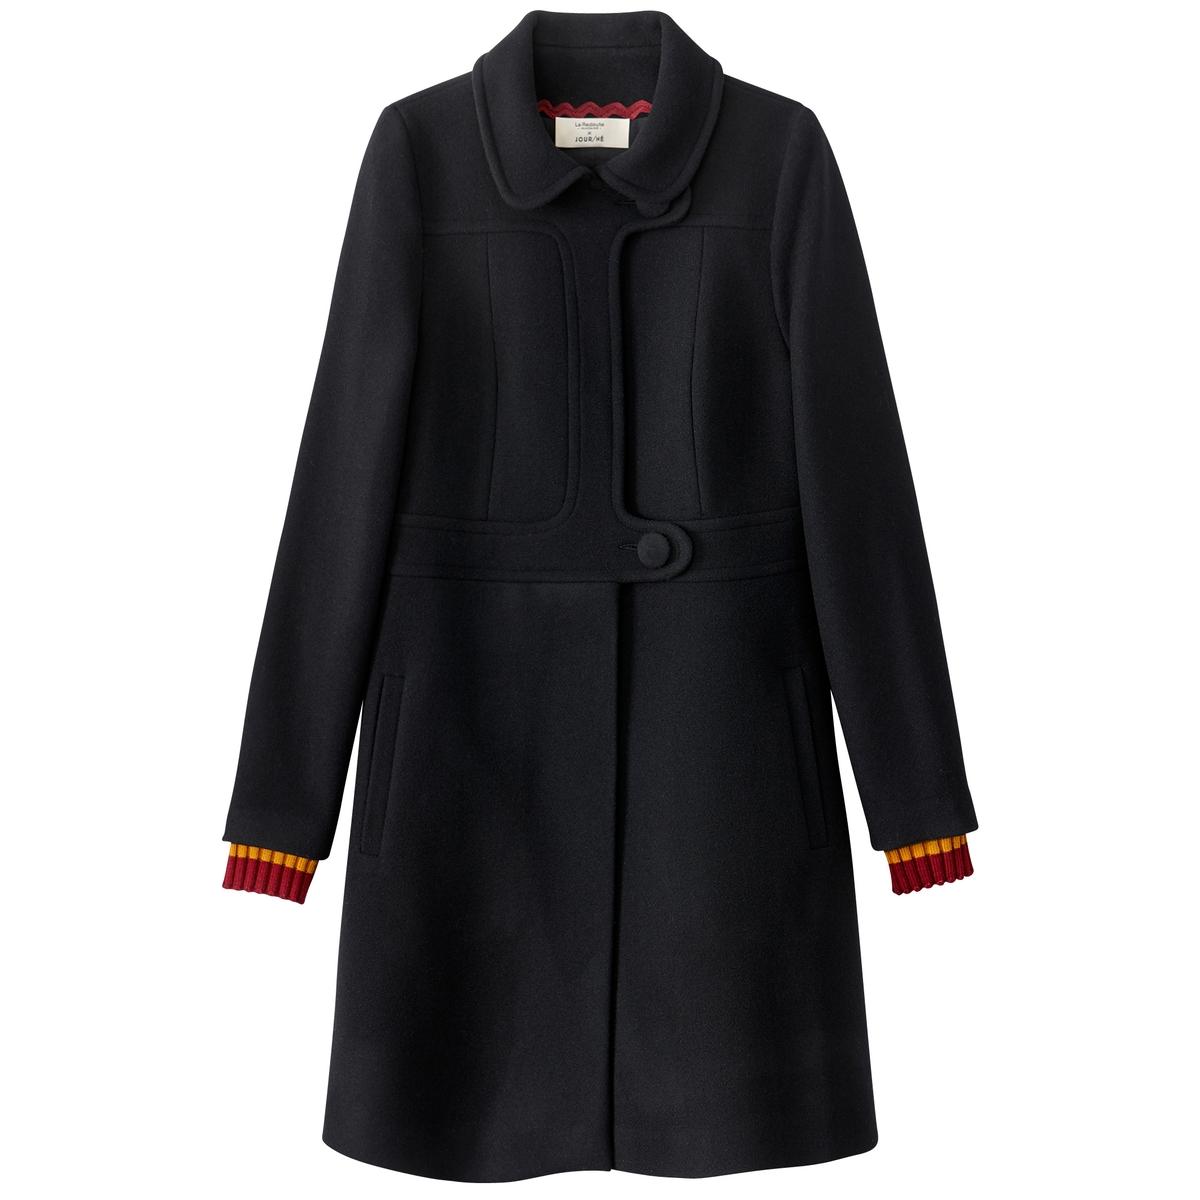 Пальто длинноеДлинное пальто от JOUR/N? со скрытой застежкой на кнопки и застежкой на 2 большие пуговицы спереди . Манжеты в рубчик в полоску.Детали •  Длина : удлиненная модель •  Круглый вырез • Застежка на пуговицыСостав и уход •  80% шерсти, 20% полиамида •  Подкладка : 100% полиэстер • Не стирать • Низкая температура глажки / не отбеливать   •  Не использовать барабанную сушку •  Допускается чистка любыми растворителями Длина : 94,5 смТрое финалистов премии ANDAM, Джерри, Леа и Лу, сотрудничали с крупными ателье мод. Креативное трио разработало для La Redoute это длинное пальто, руководствуясь девизом одень этот день.Их коллекция предназначена для городских женщин, активных и современных, желающих, чтобы их образ был эстетичным и практичным одновременно. Цель JOUR/NE : каждый сезон предлагать адаптированный гардероб на каждый день, совмещающий в себе простоту и креативность. Каждая модель JOUR/NE продумана до мелочей: многочисленные карманы, потайные молнии, магнитные застежки или даже вшитый платок для протирки очков...Лучшие мастера Европы сопровождают JOUR/NE в выборе материалов и процессе производства, что гарантирует безупречное качество.<br><br>Цвет: красный,черный<br>Размер: 34 (FR) - 40 (RUS).34 (FR) - 40 (RUS)